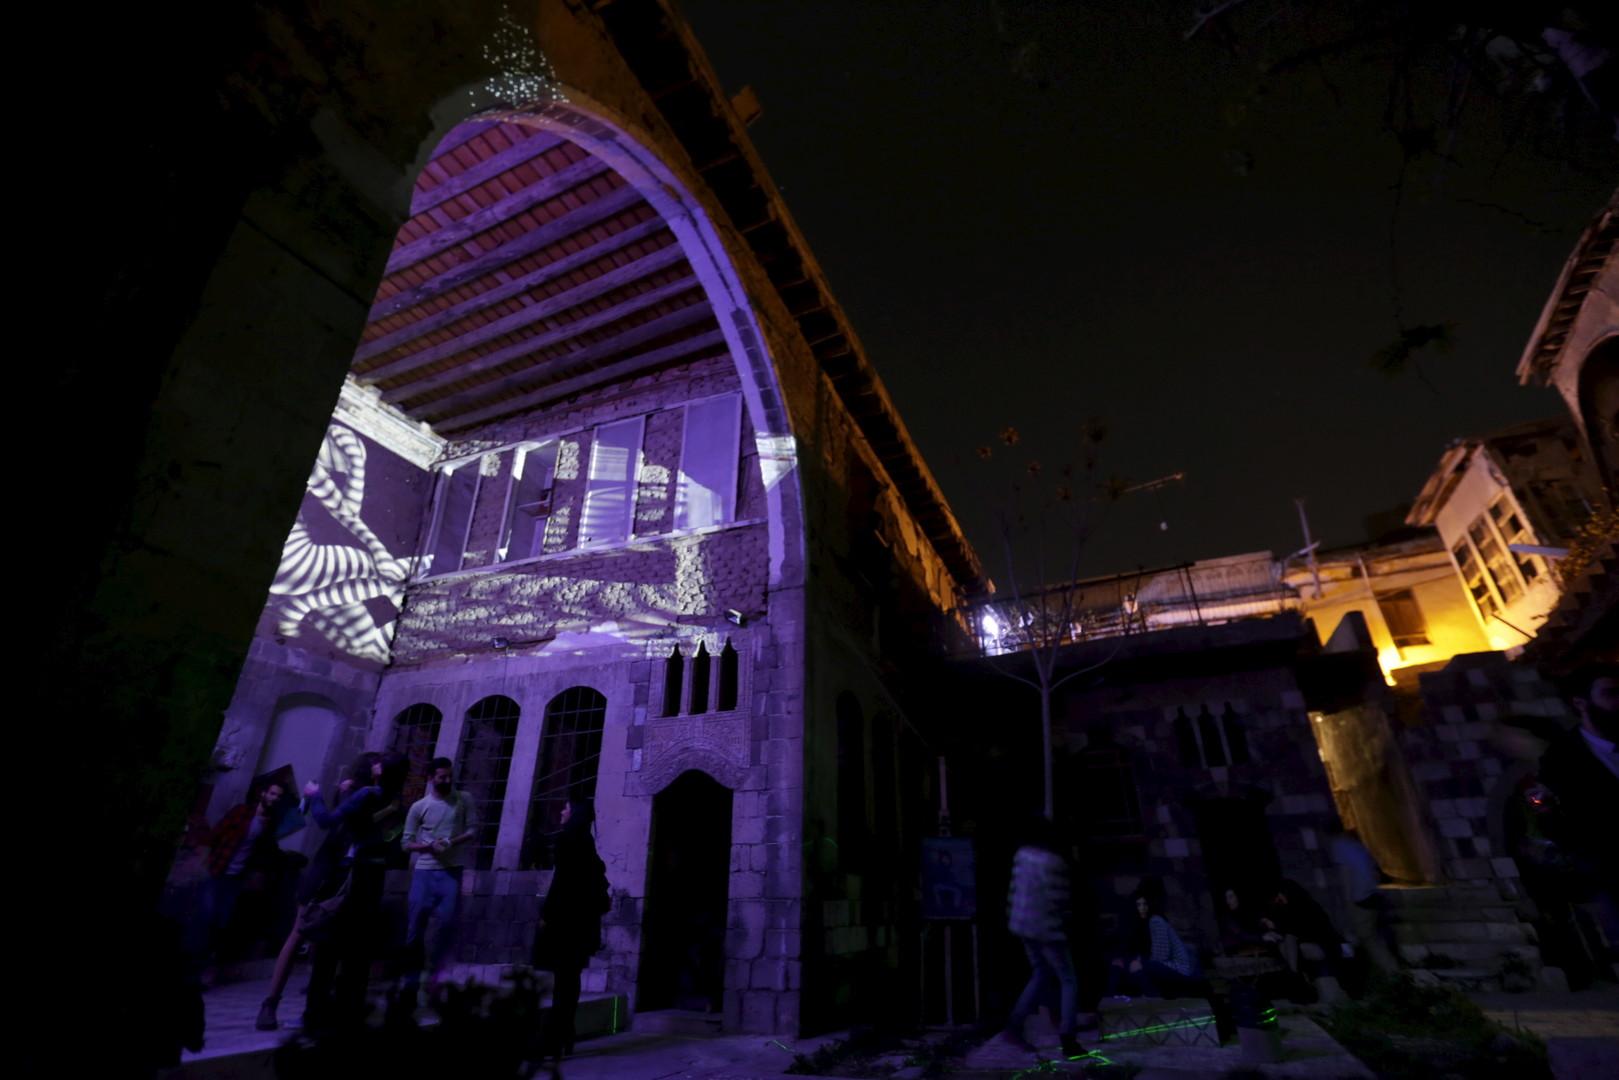 """Zwischen dem """"Nassar Pub"""" und einer Kunstgalerie wird getanzt. Damaskus, 25. März 2016"""